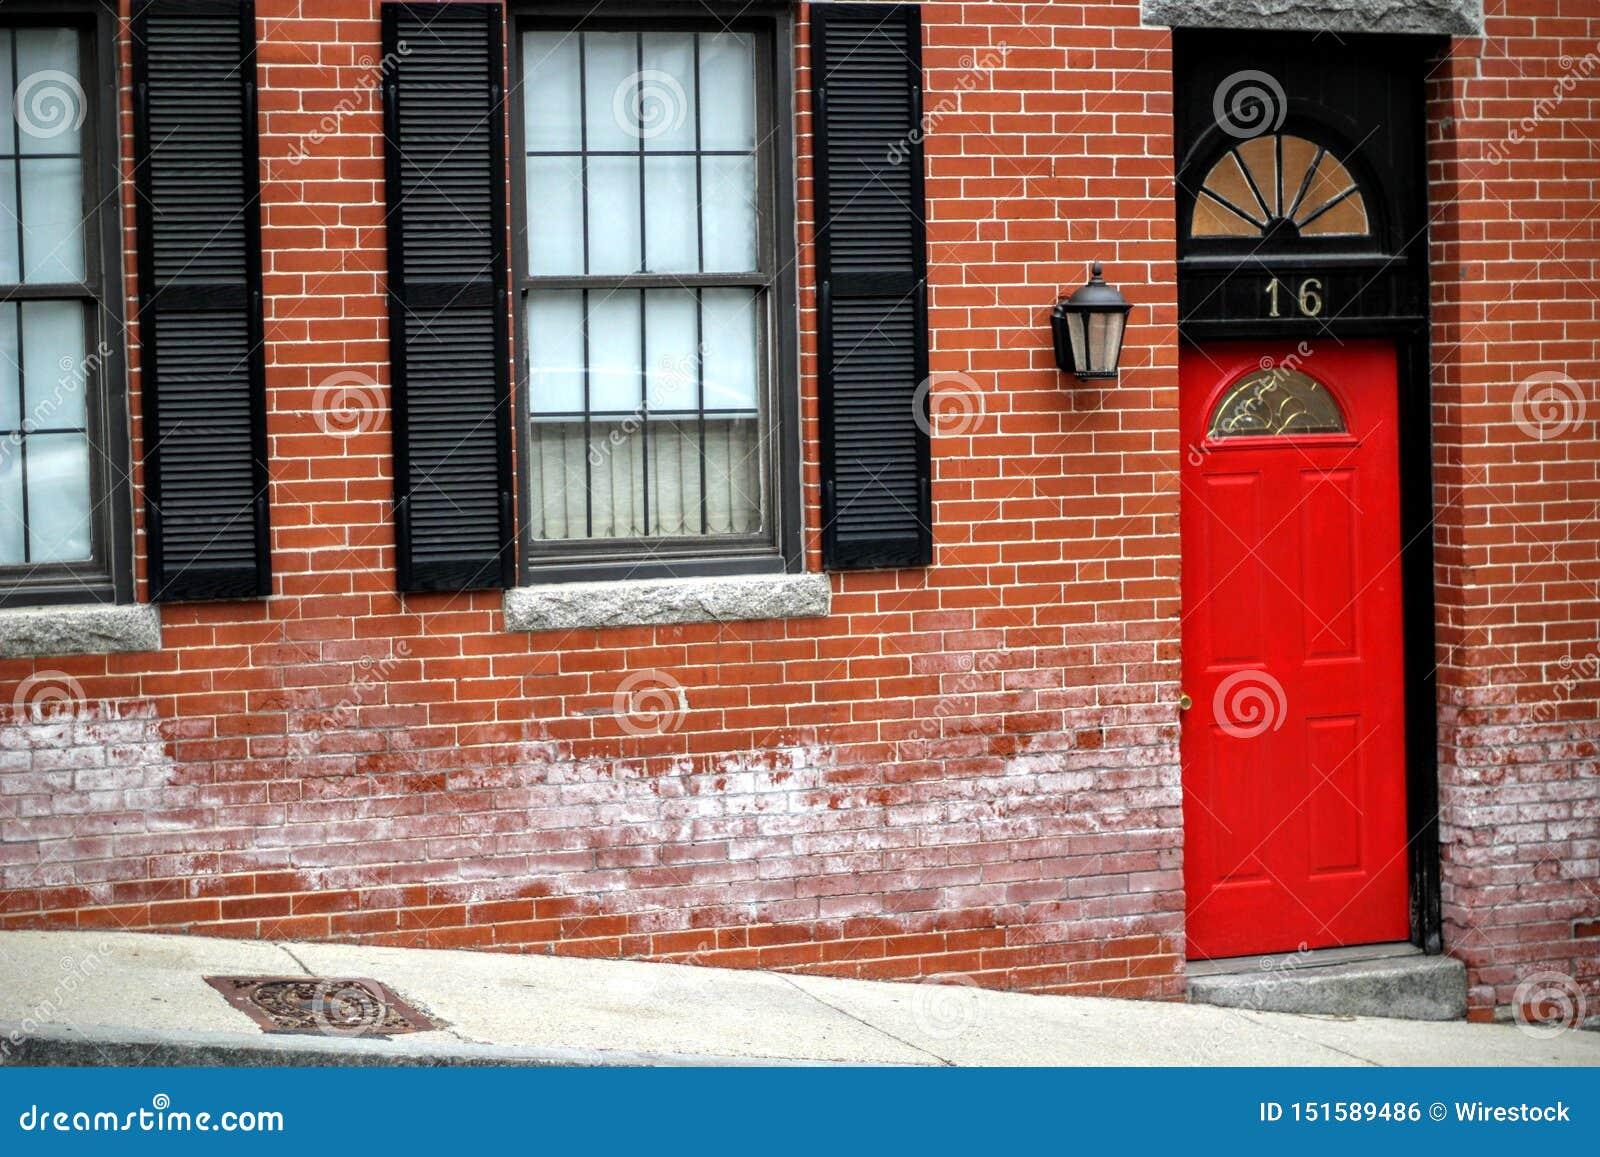 Porte D Entrée Rouge porte d'entrée rouge à une apparence d'immeuble de brique